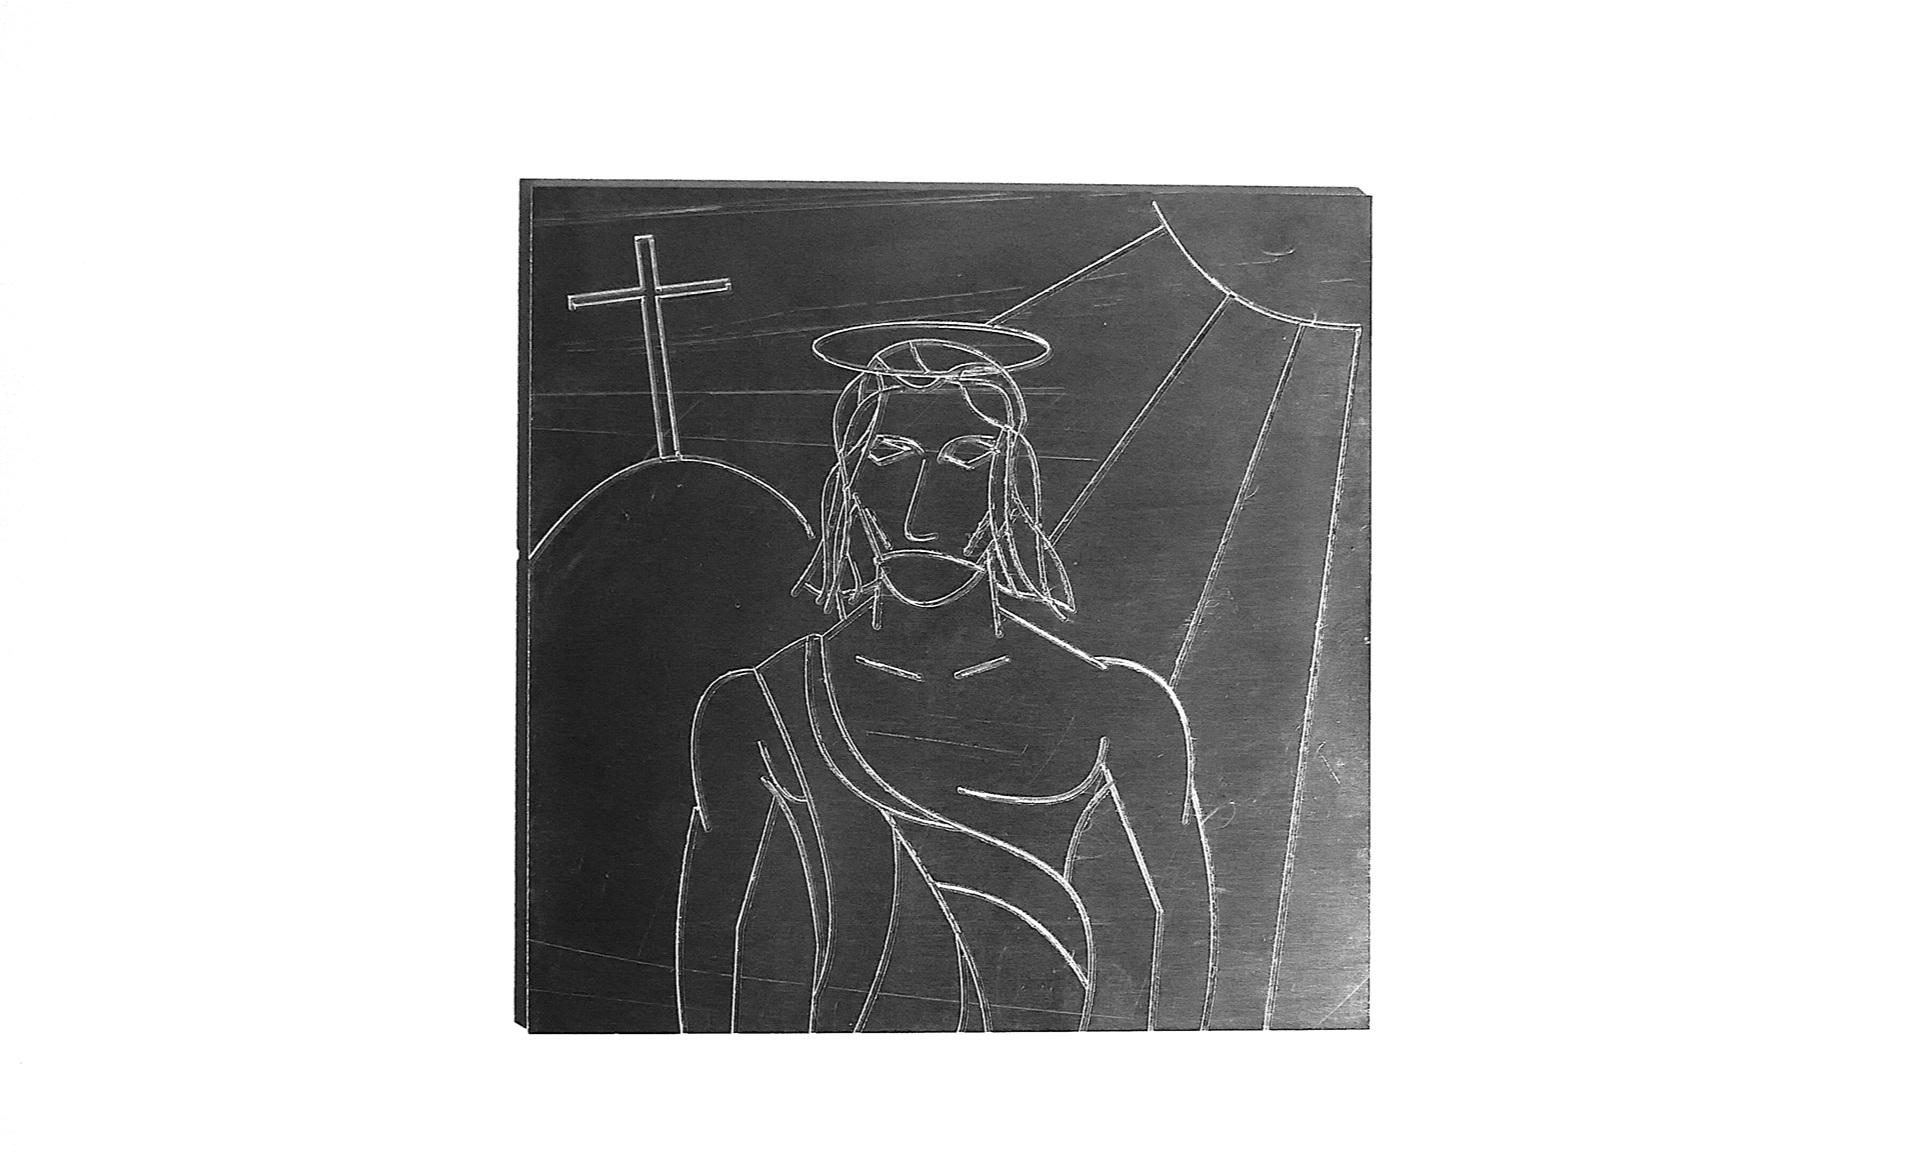 jesus-engraving.jpg